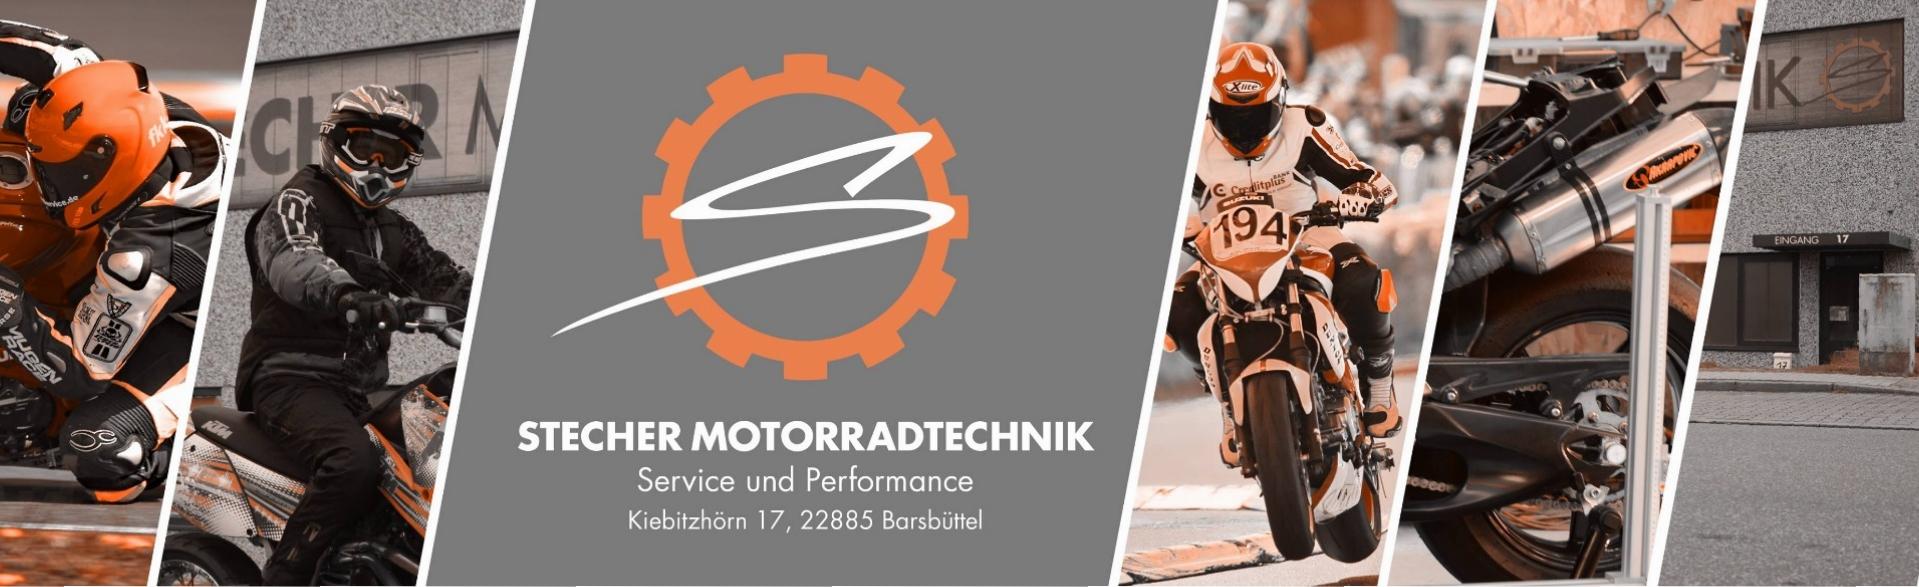 https://www.stecher-motorradtechnik.de/